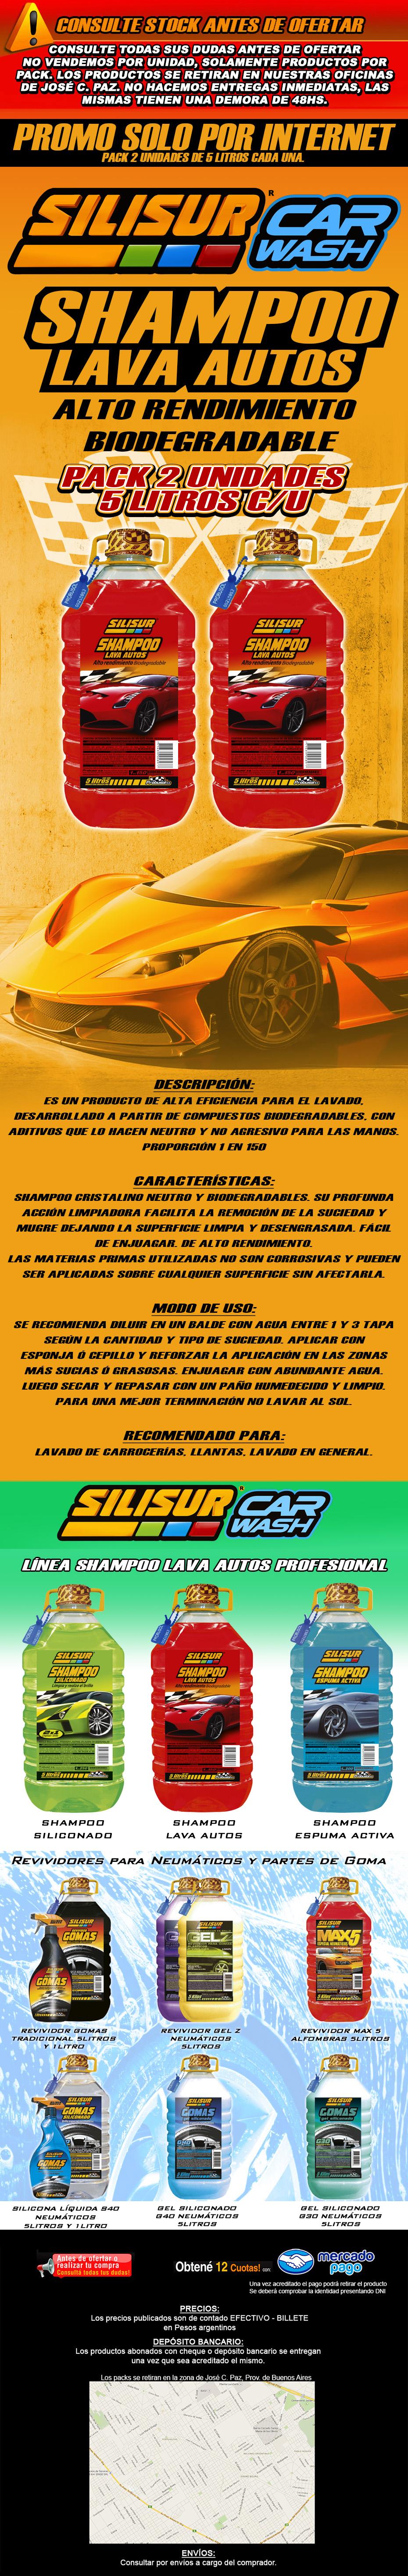 SILISUR CARWASH SHAMPOO LAVA AUTOS ALTO RENDIMIENTO PACK 2 UNIDADESO DE 5 LITROS CADA UNA